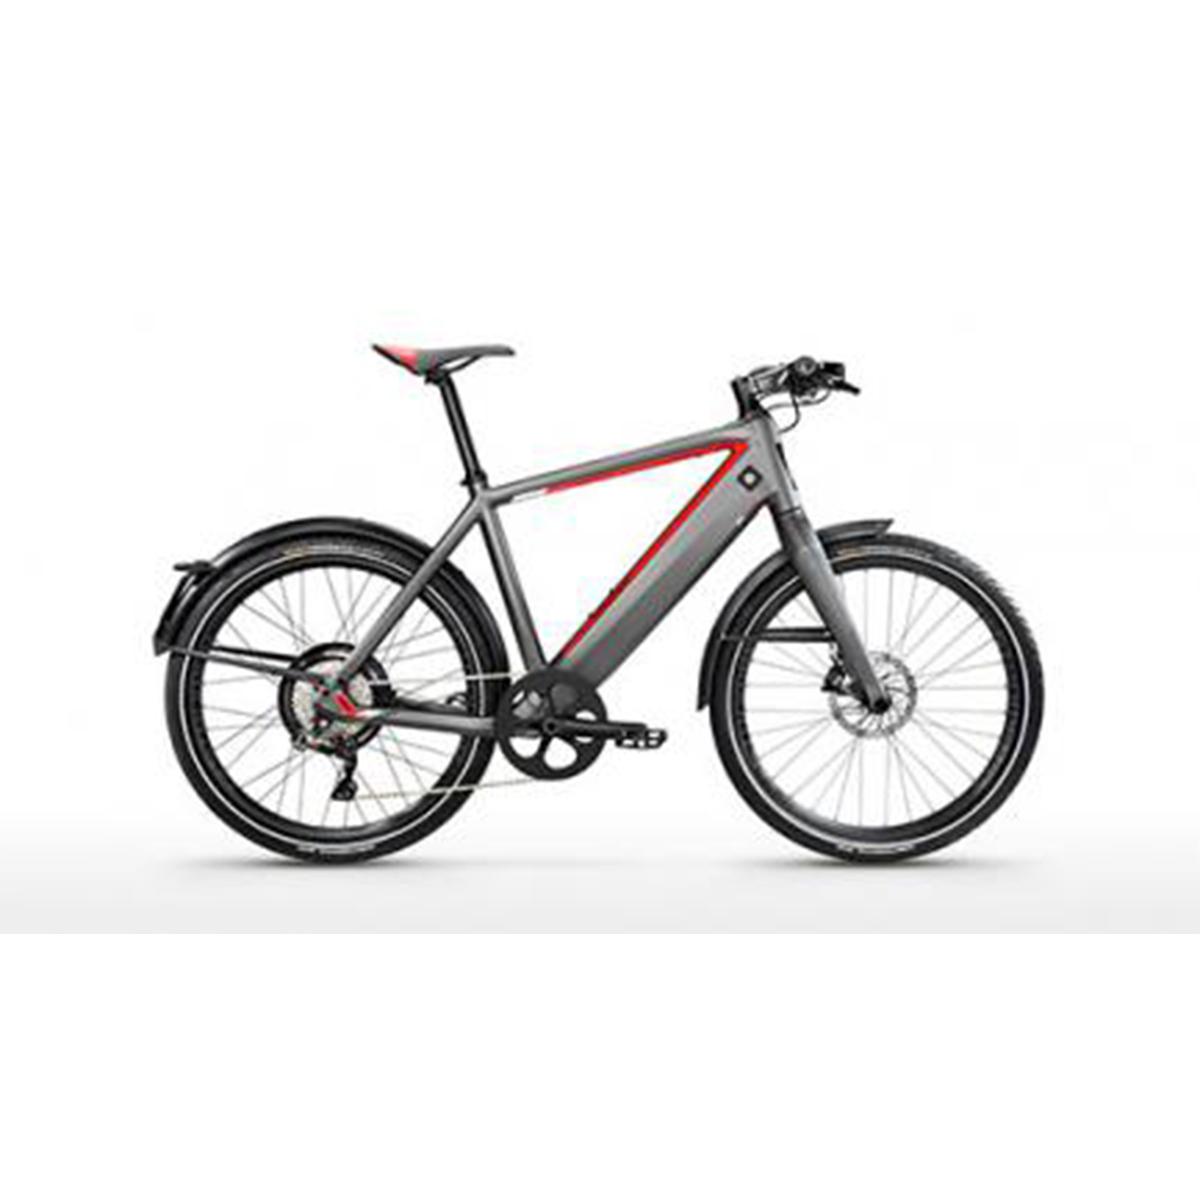 Stromer ST2S Bike